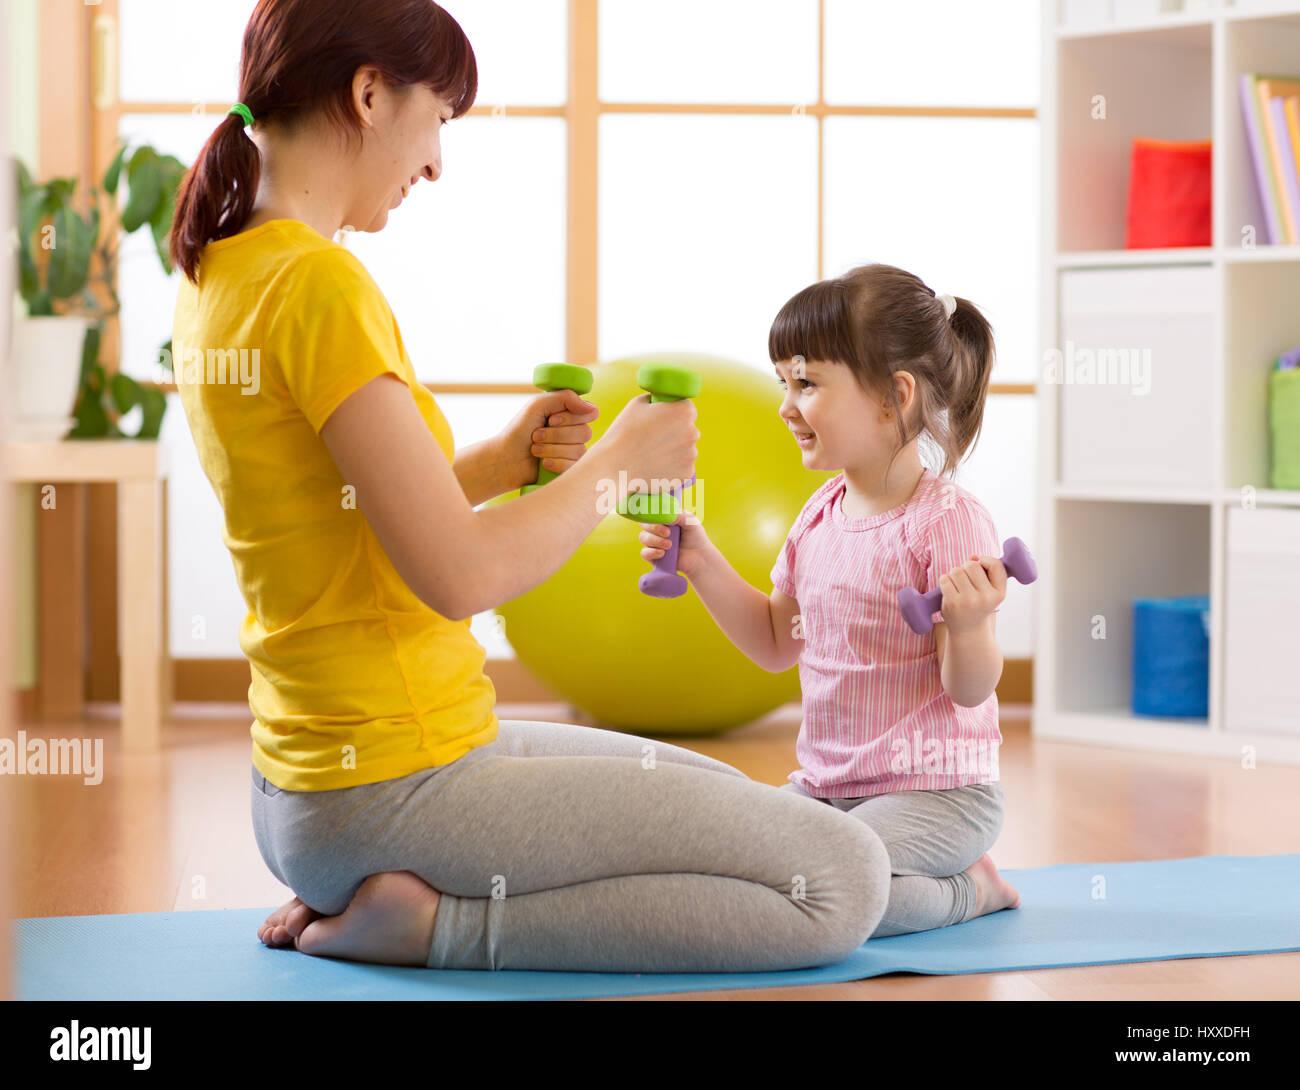 Mère et son enfant fille faisant des exercices de fitness avec haltères Photo Stock